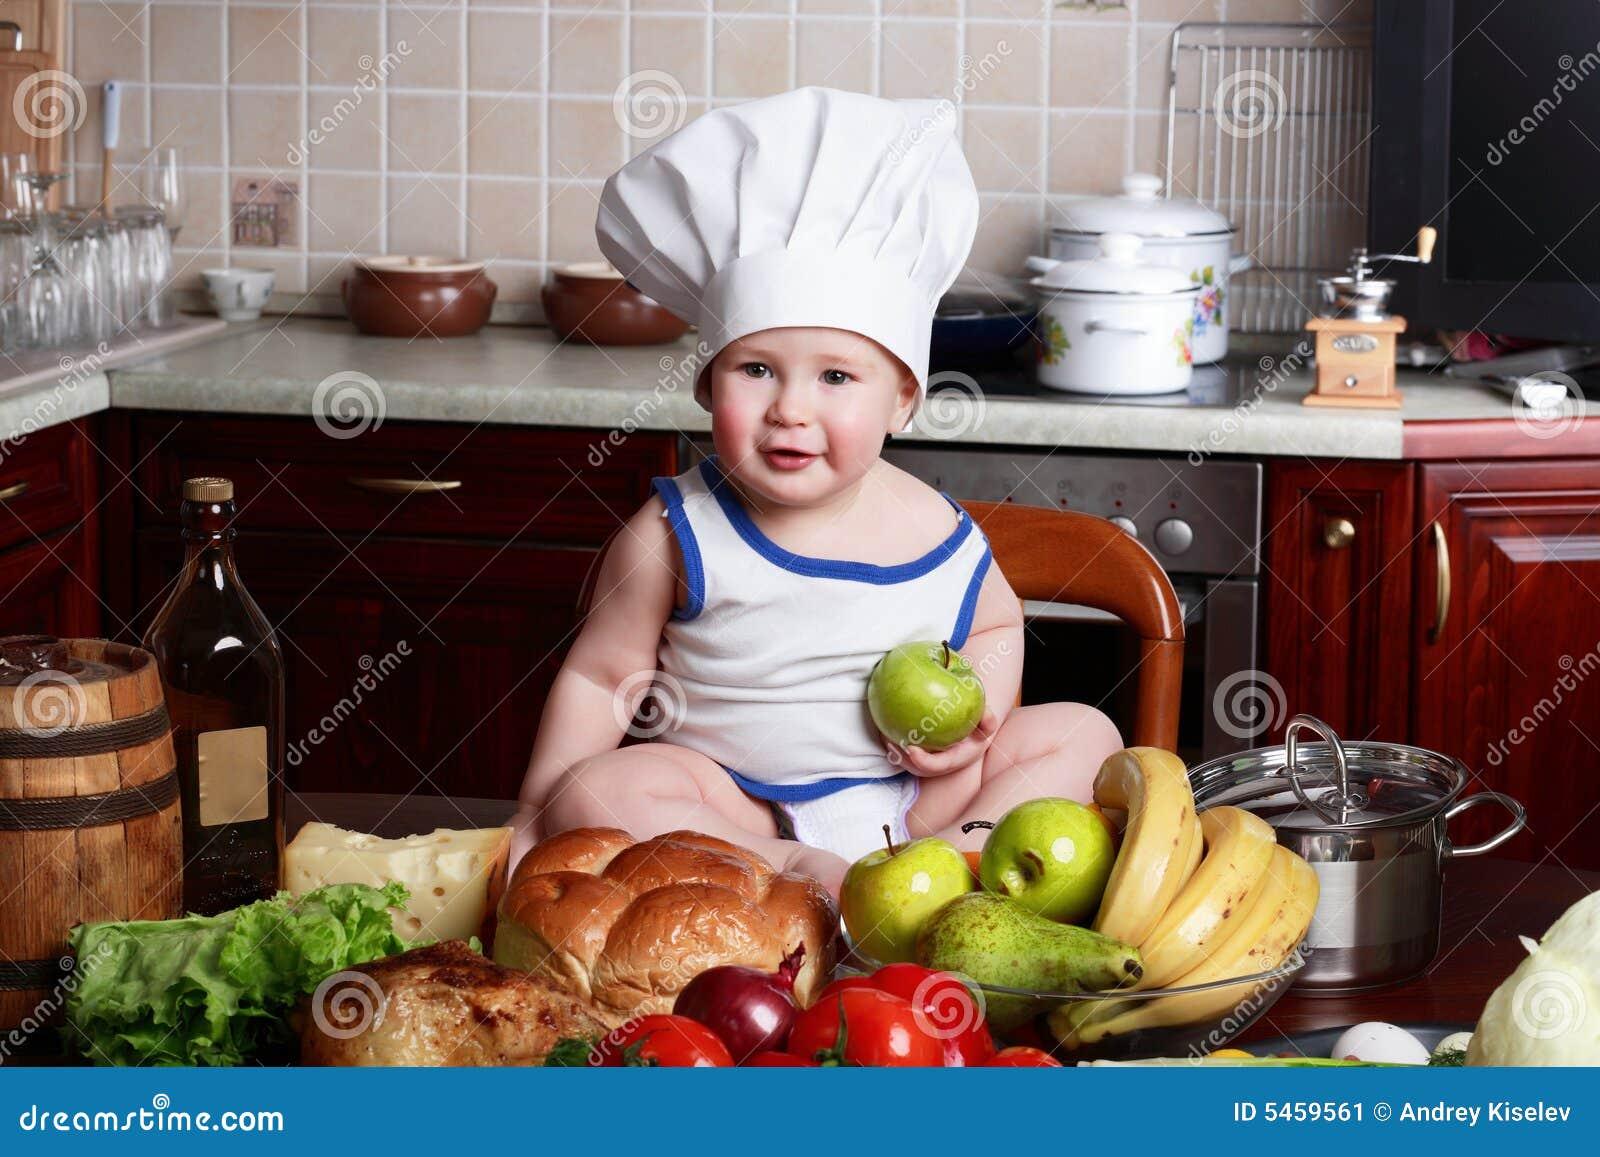 Boy foods